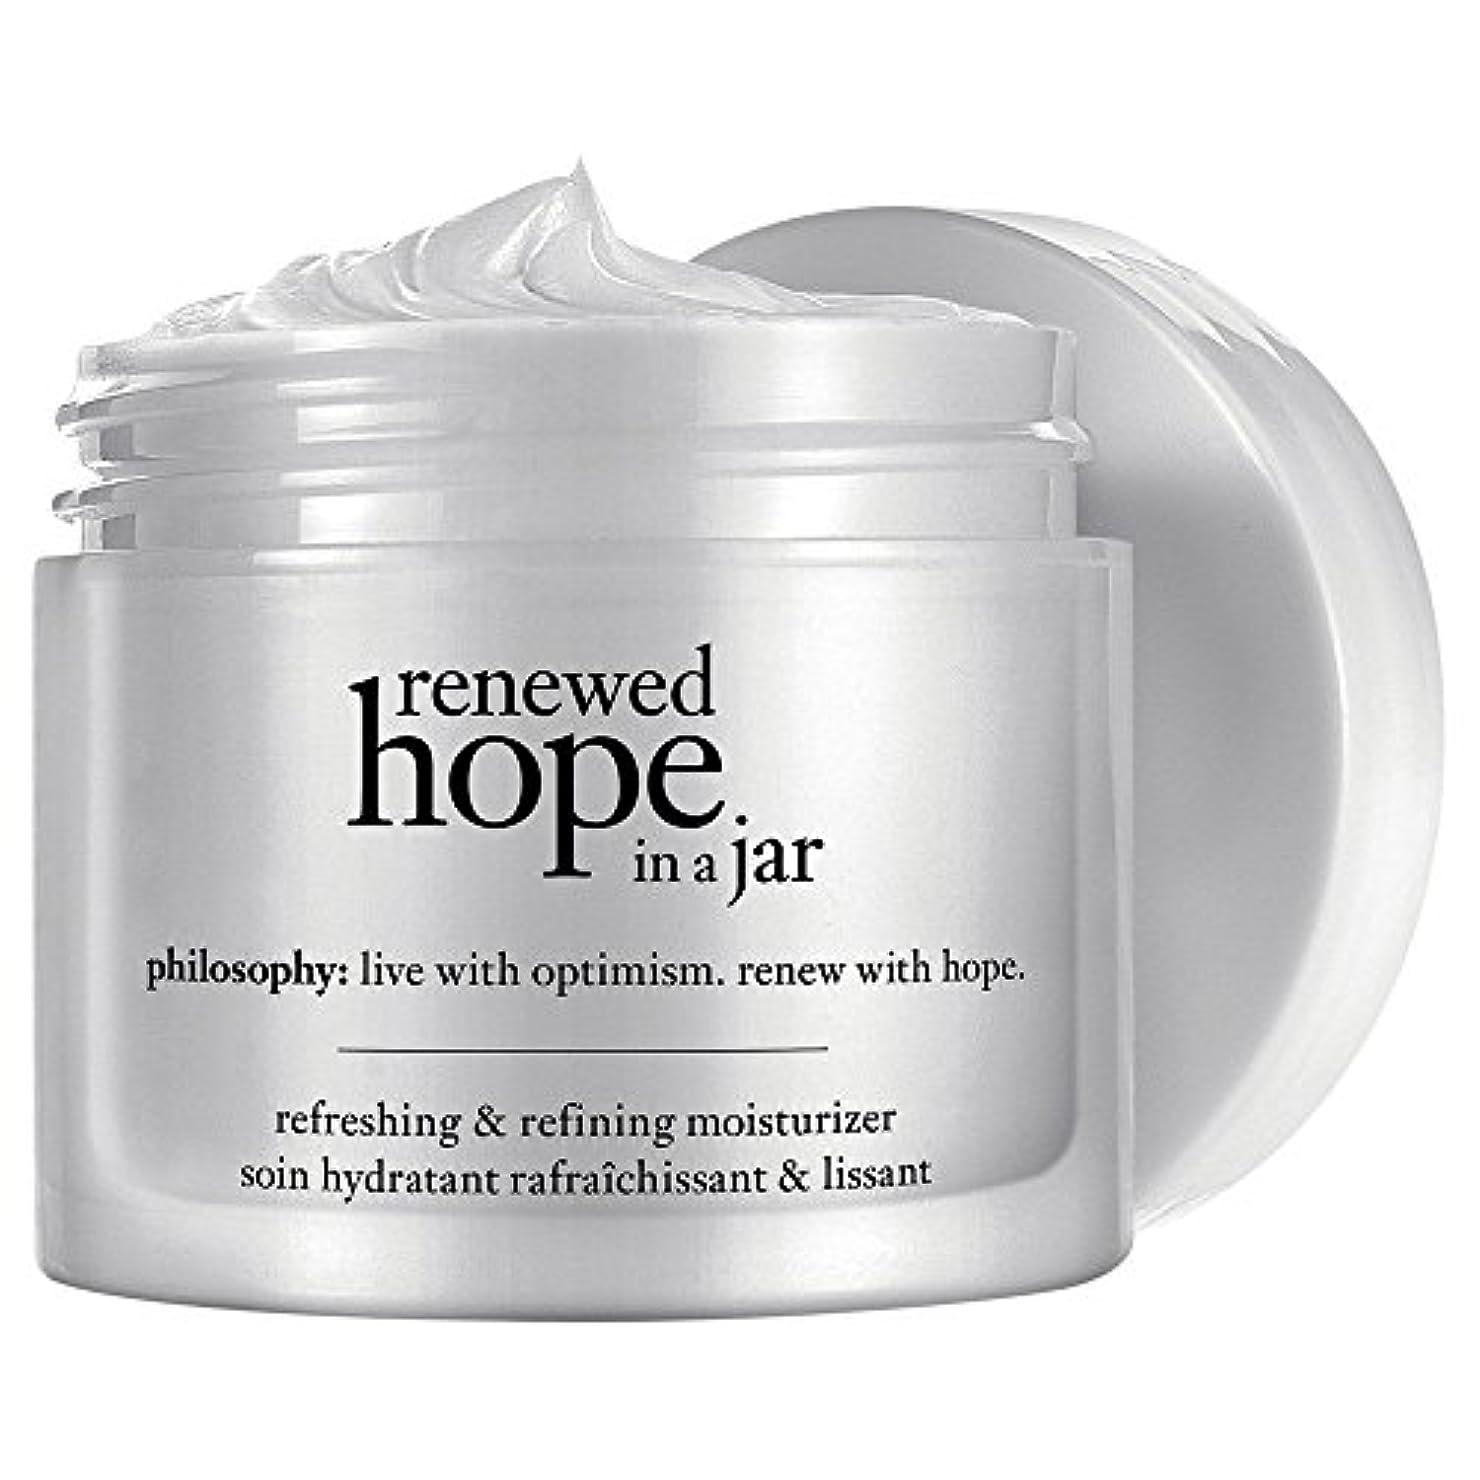 見捨てる該当する彼らの瓶内の哲学新たな希望を、60ミリリットル (Philosophy) - Philosophy Renewed Hope In a Jar, 60ml [並行輸入品]